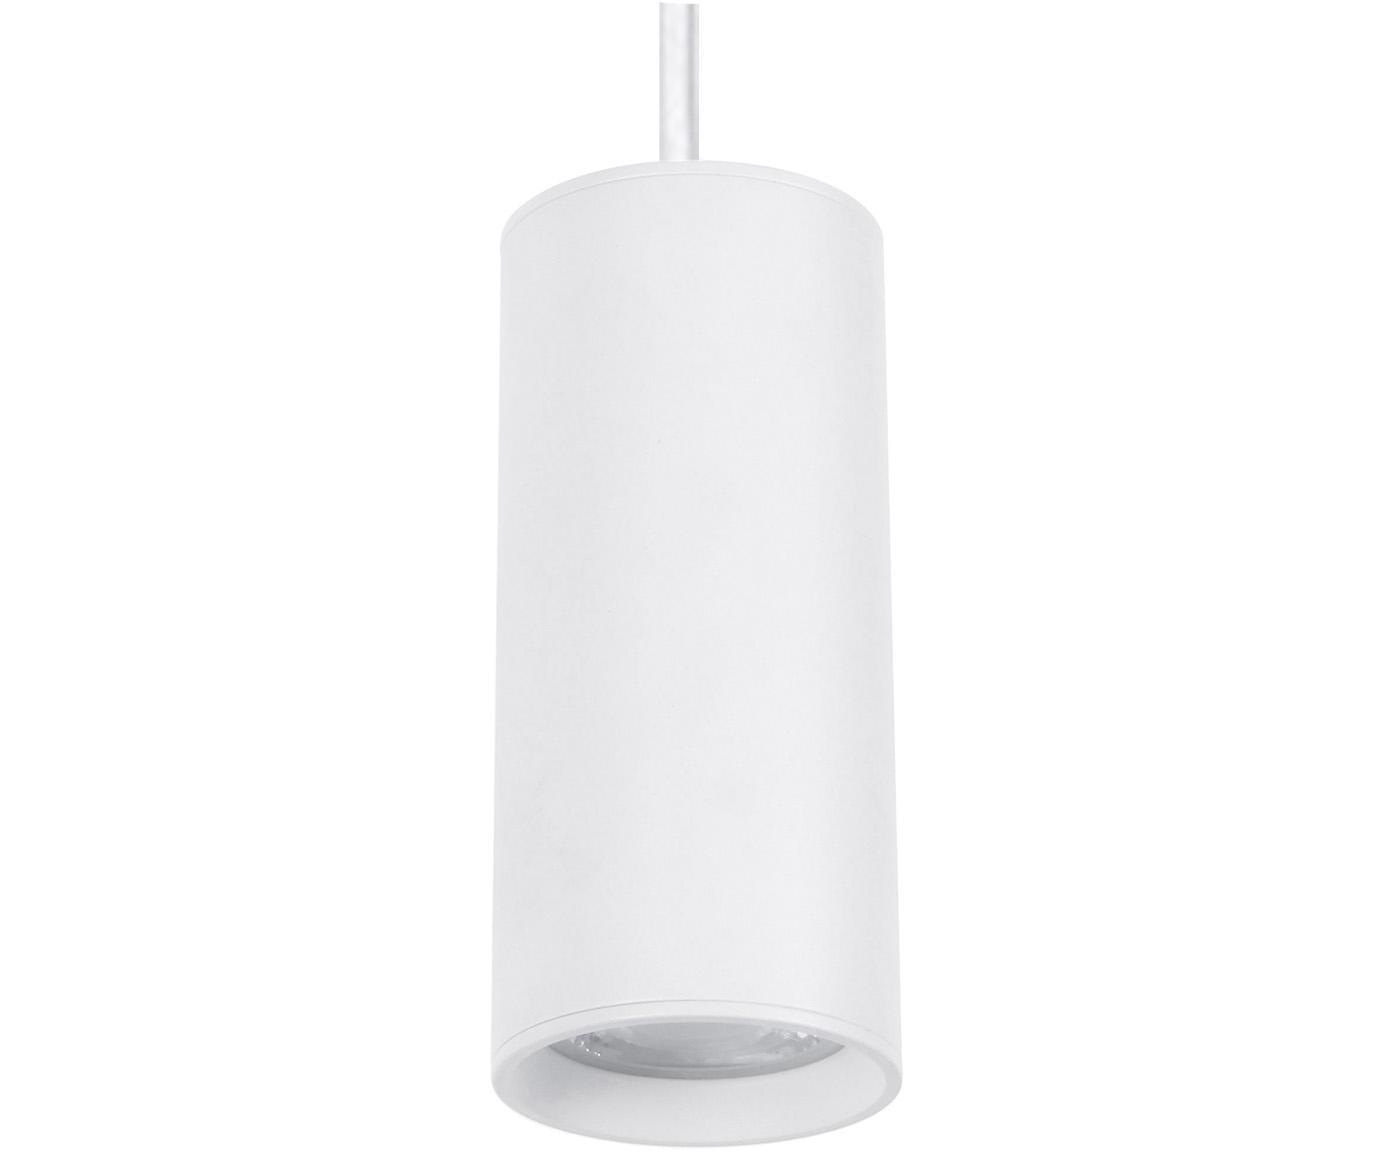 Kleine hanglamp Aila, Lampenkap: gecoat aluminium, Baldakijn: gecoat aluminium, Wit, Ø 6 x H 120 cm